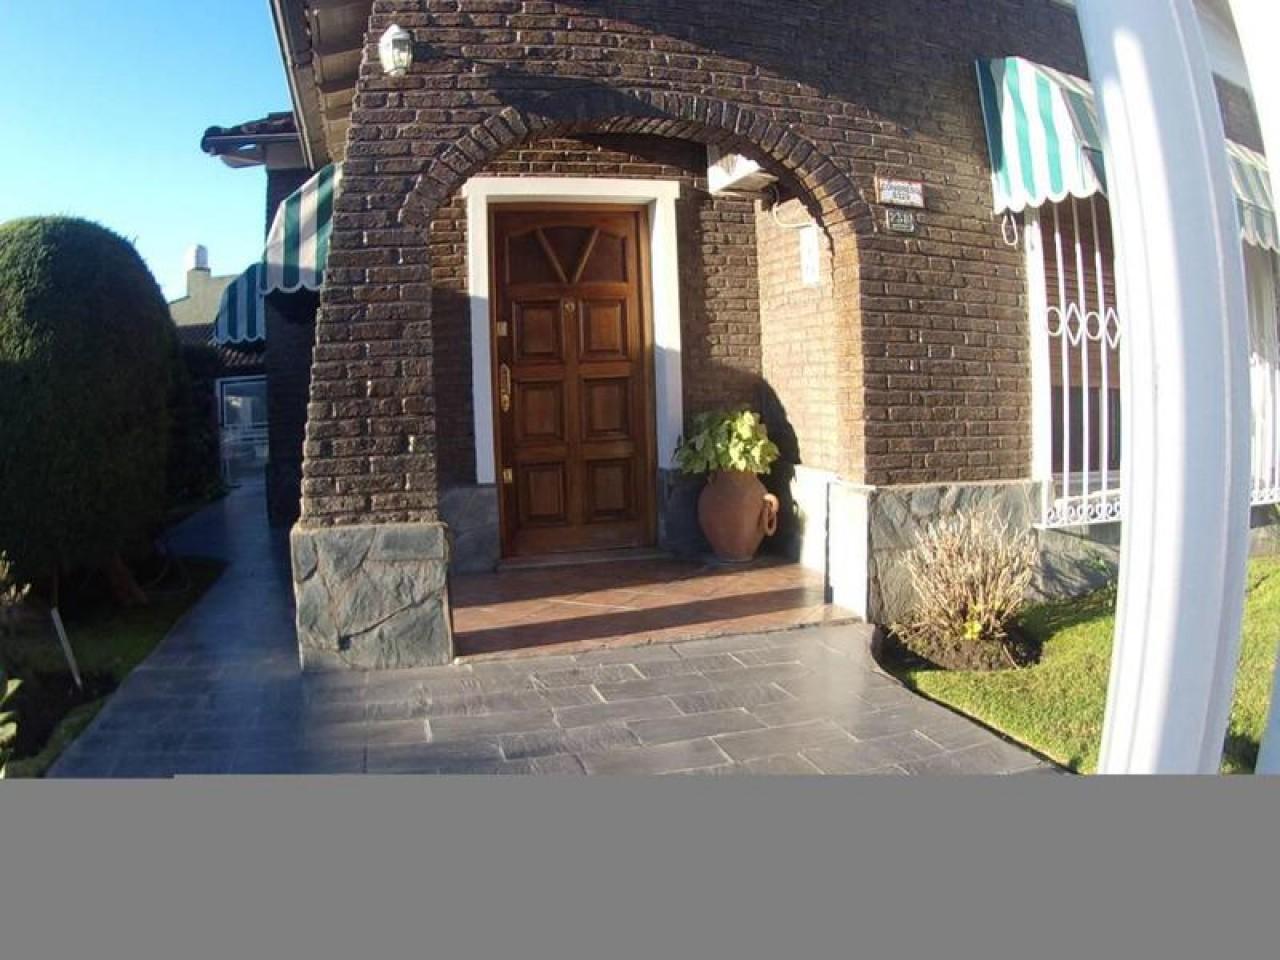 EXCELENTE CHALET 4 AMB. GARAGE PISCINA Y QCHO.-CONGRESO 8300-LOMA HERMOSA.